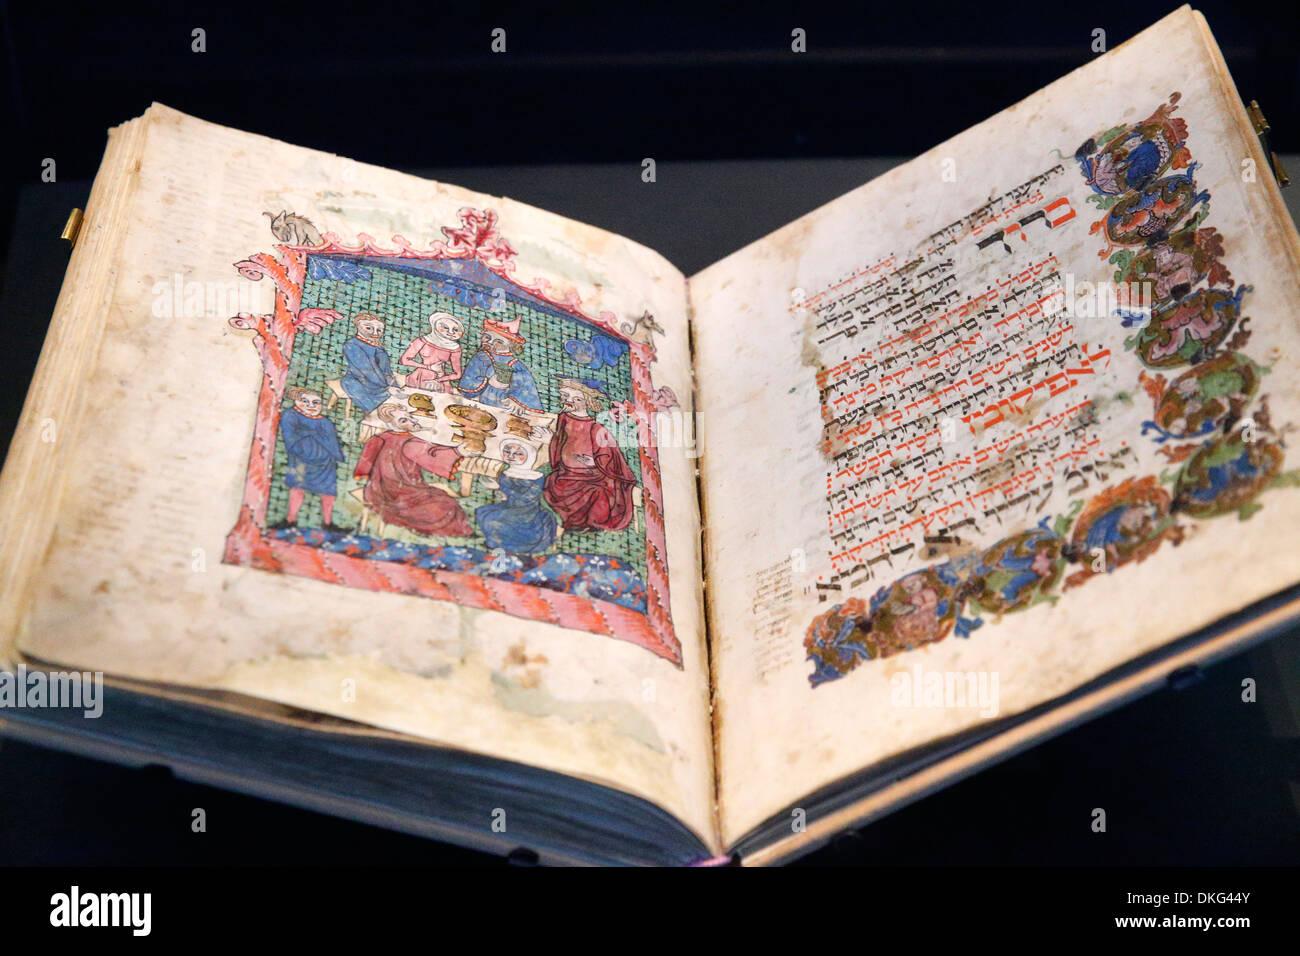 L'Erna Michael Haggada de Allemagne en date du 1400, le Musée d'Israël, Jérusalem, Israël, Moyen Orient Photo Stock